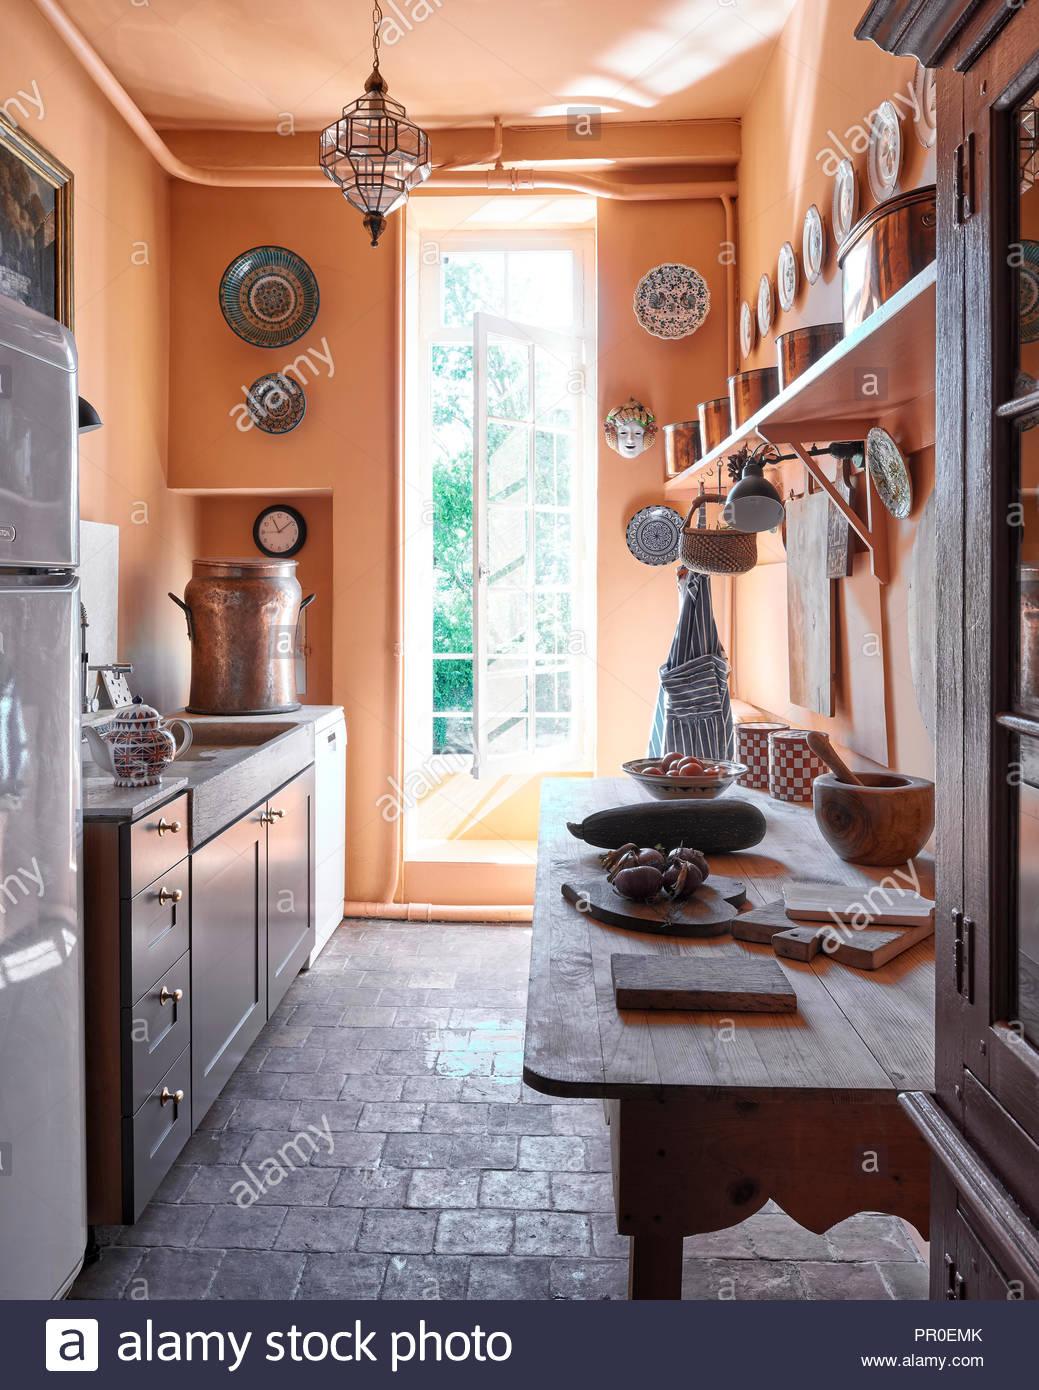 Full Size of Küchen Rustikal Einfache Rustikale Bauernhaus Kche Stockfoto Rustikales Bett Esstisch Holz Regal Küche Rustikaler Wohnzimmer Küchen Rustikal